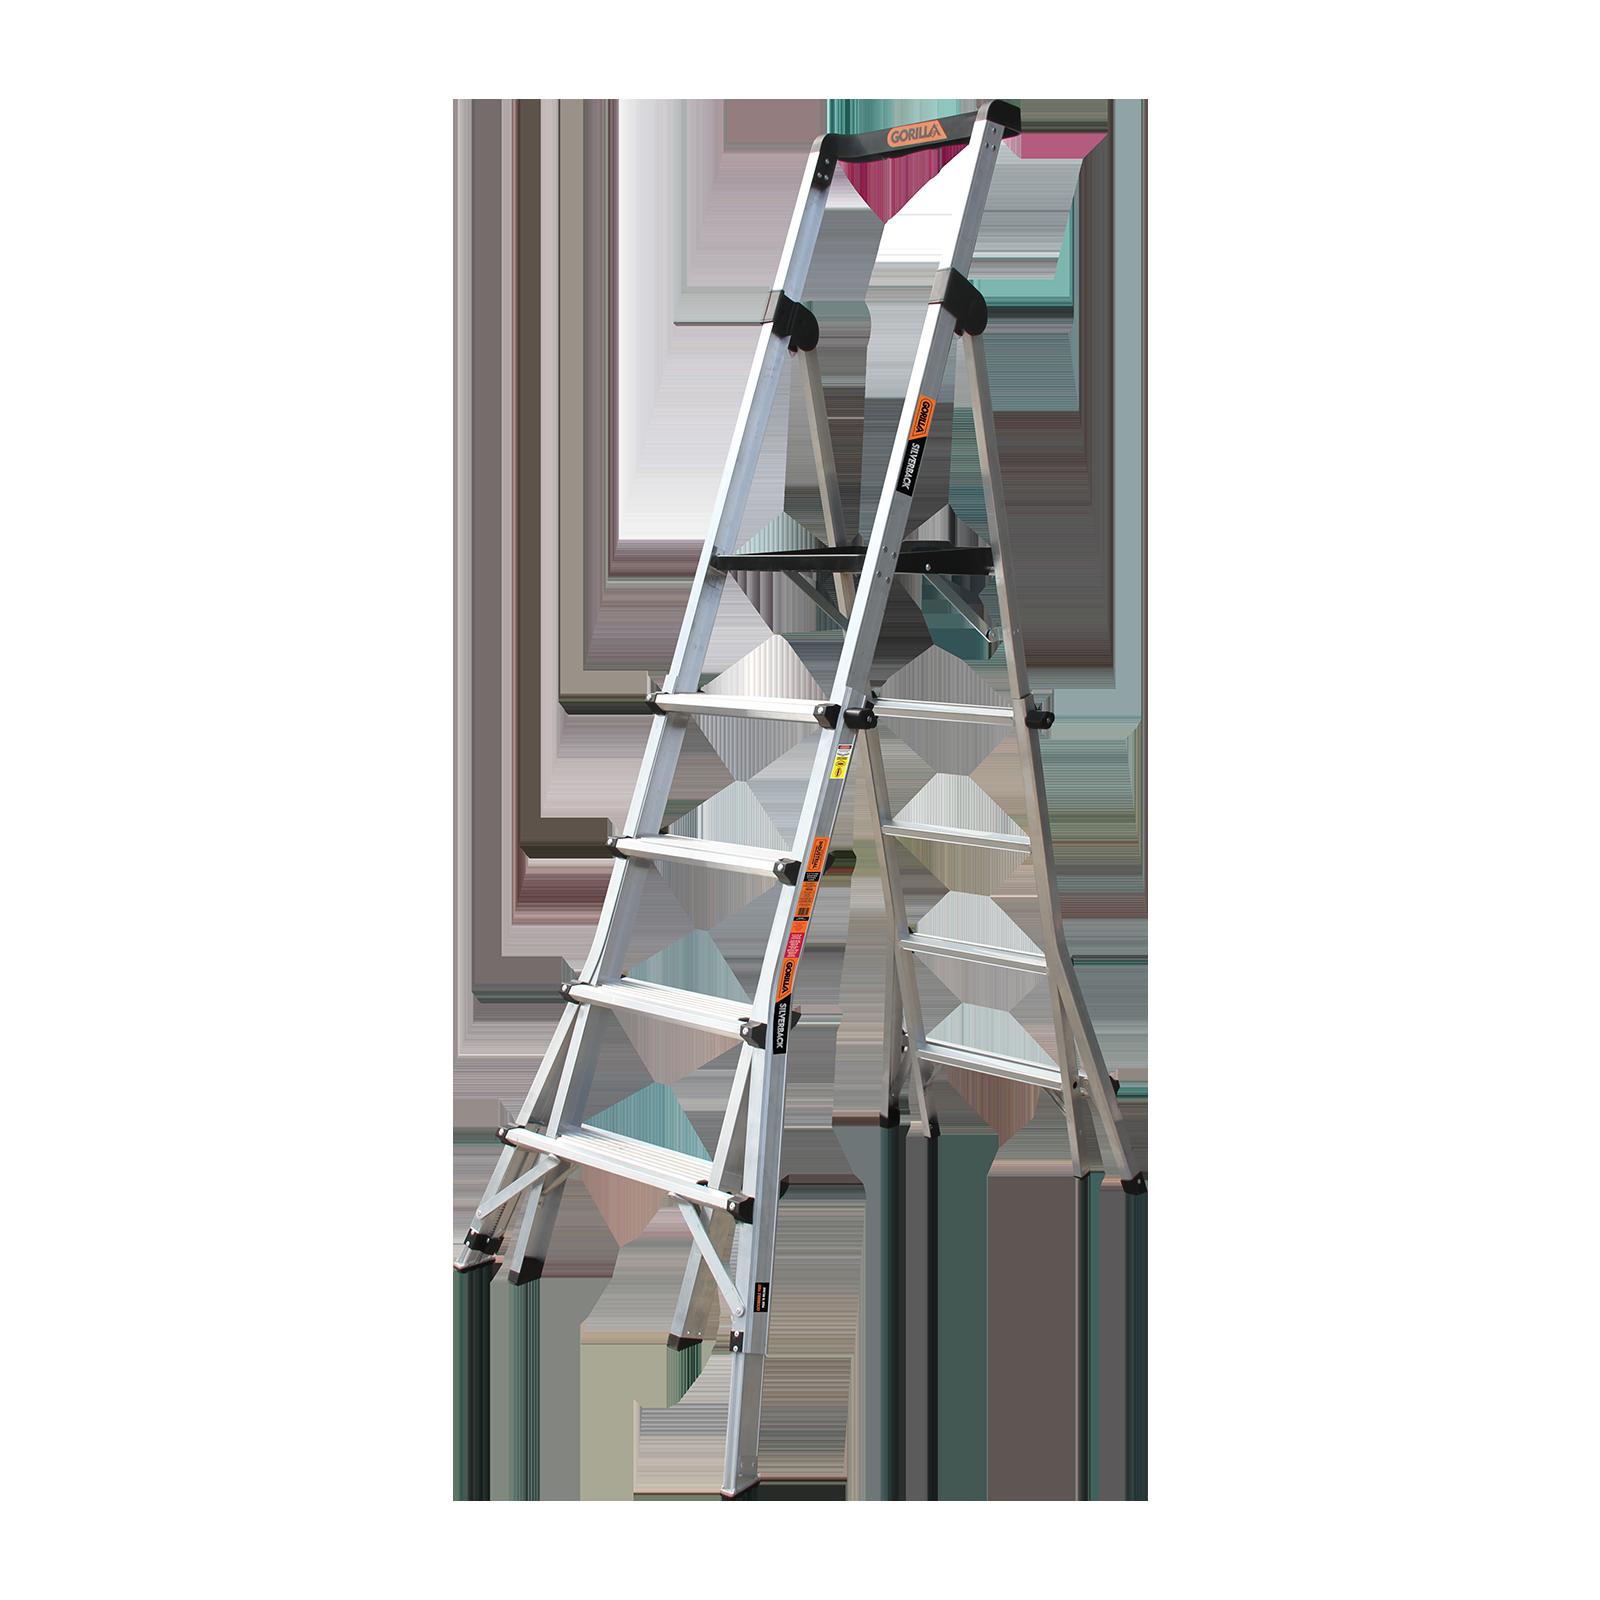 Gorilla 150kg Silverback 5-8 Step Adjustable Platform Ladder With Leveller Legs